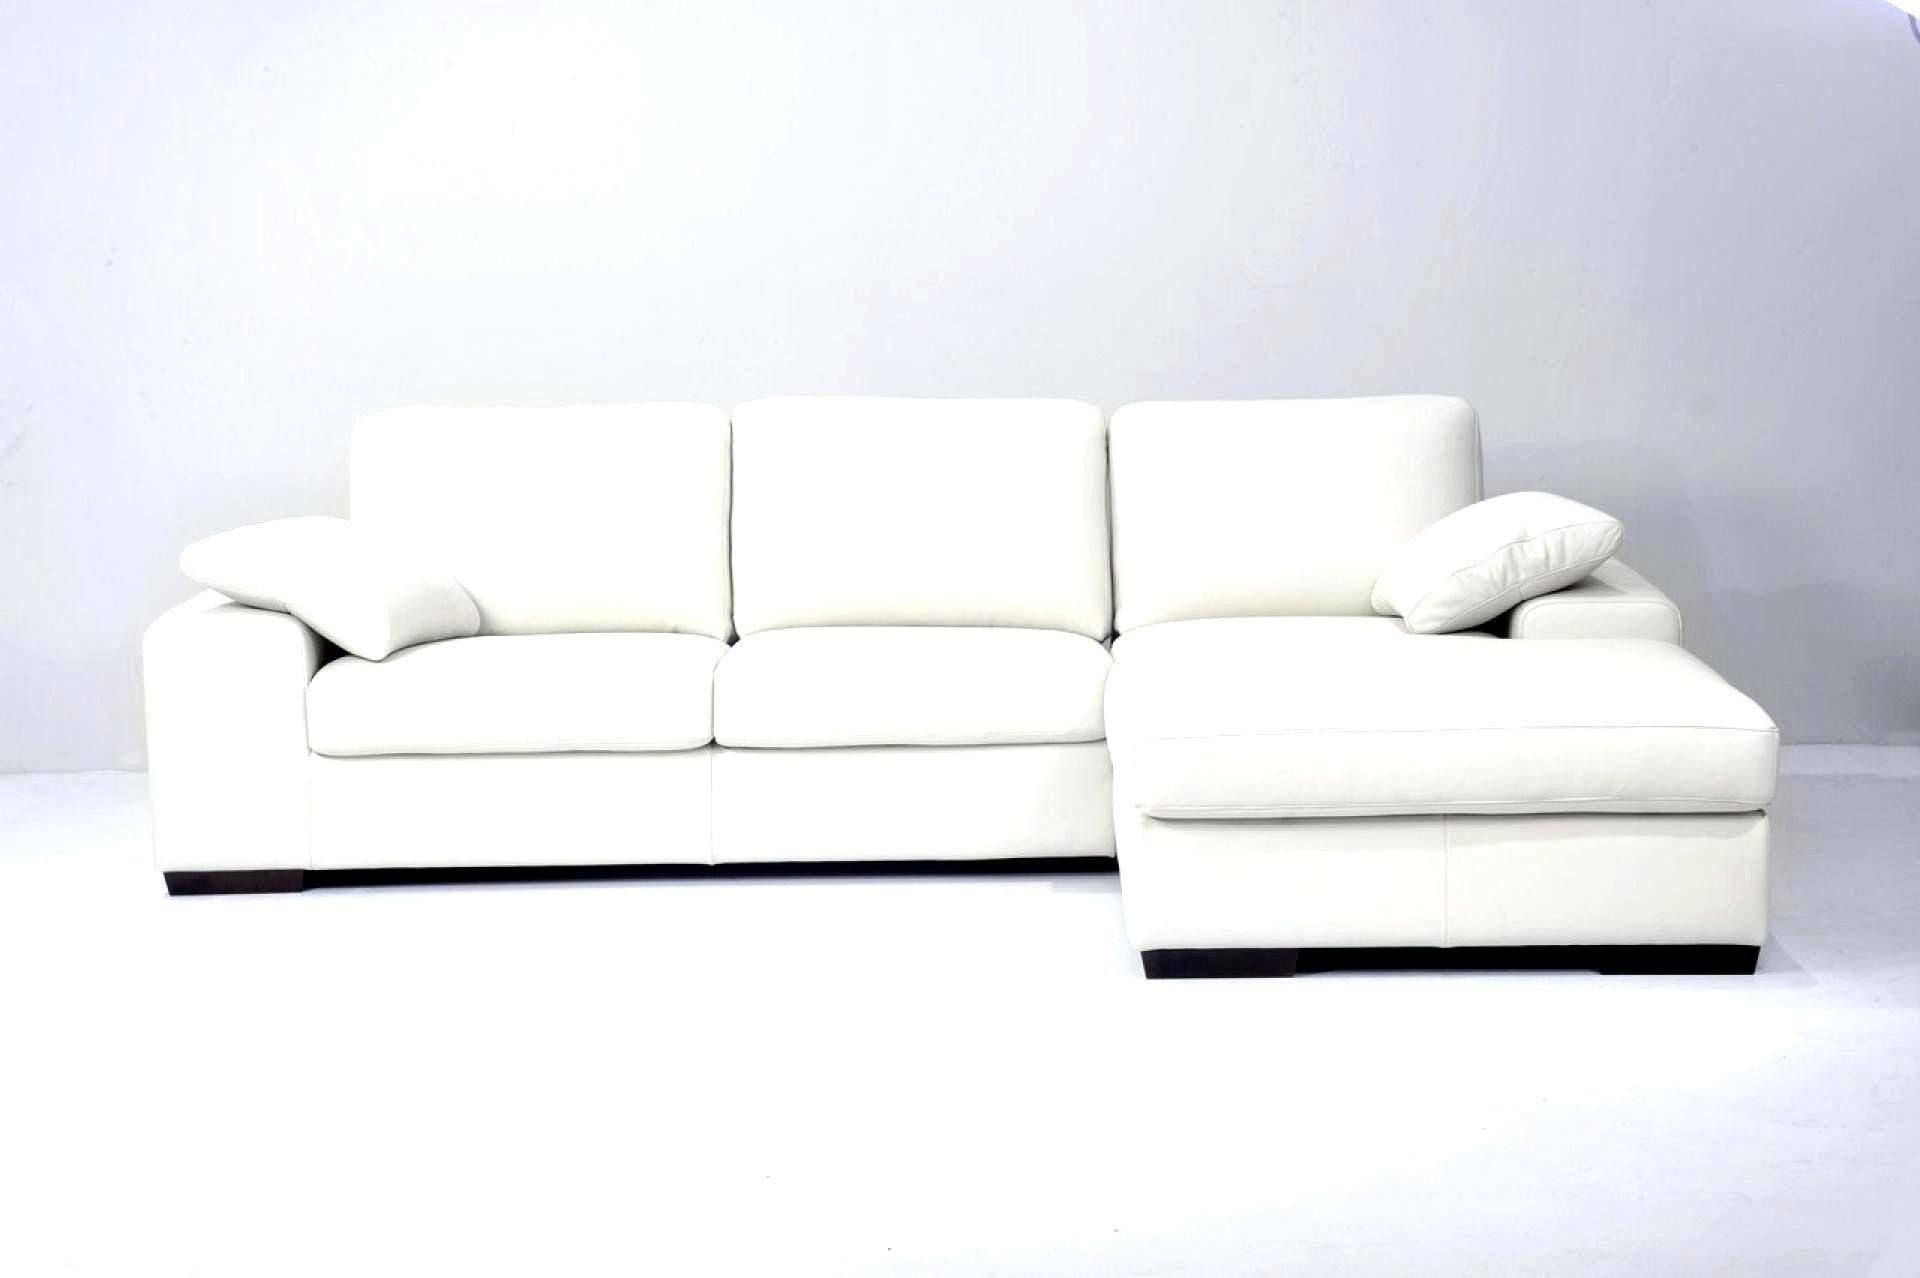 Canapé Lit 2 Places Joli Juste Canapé Lit Superposé Et Ikea Canap Lit Ma17 Hemnes Lit